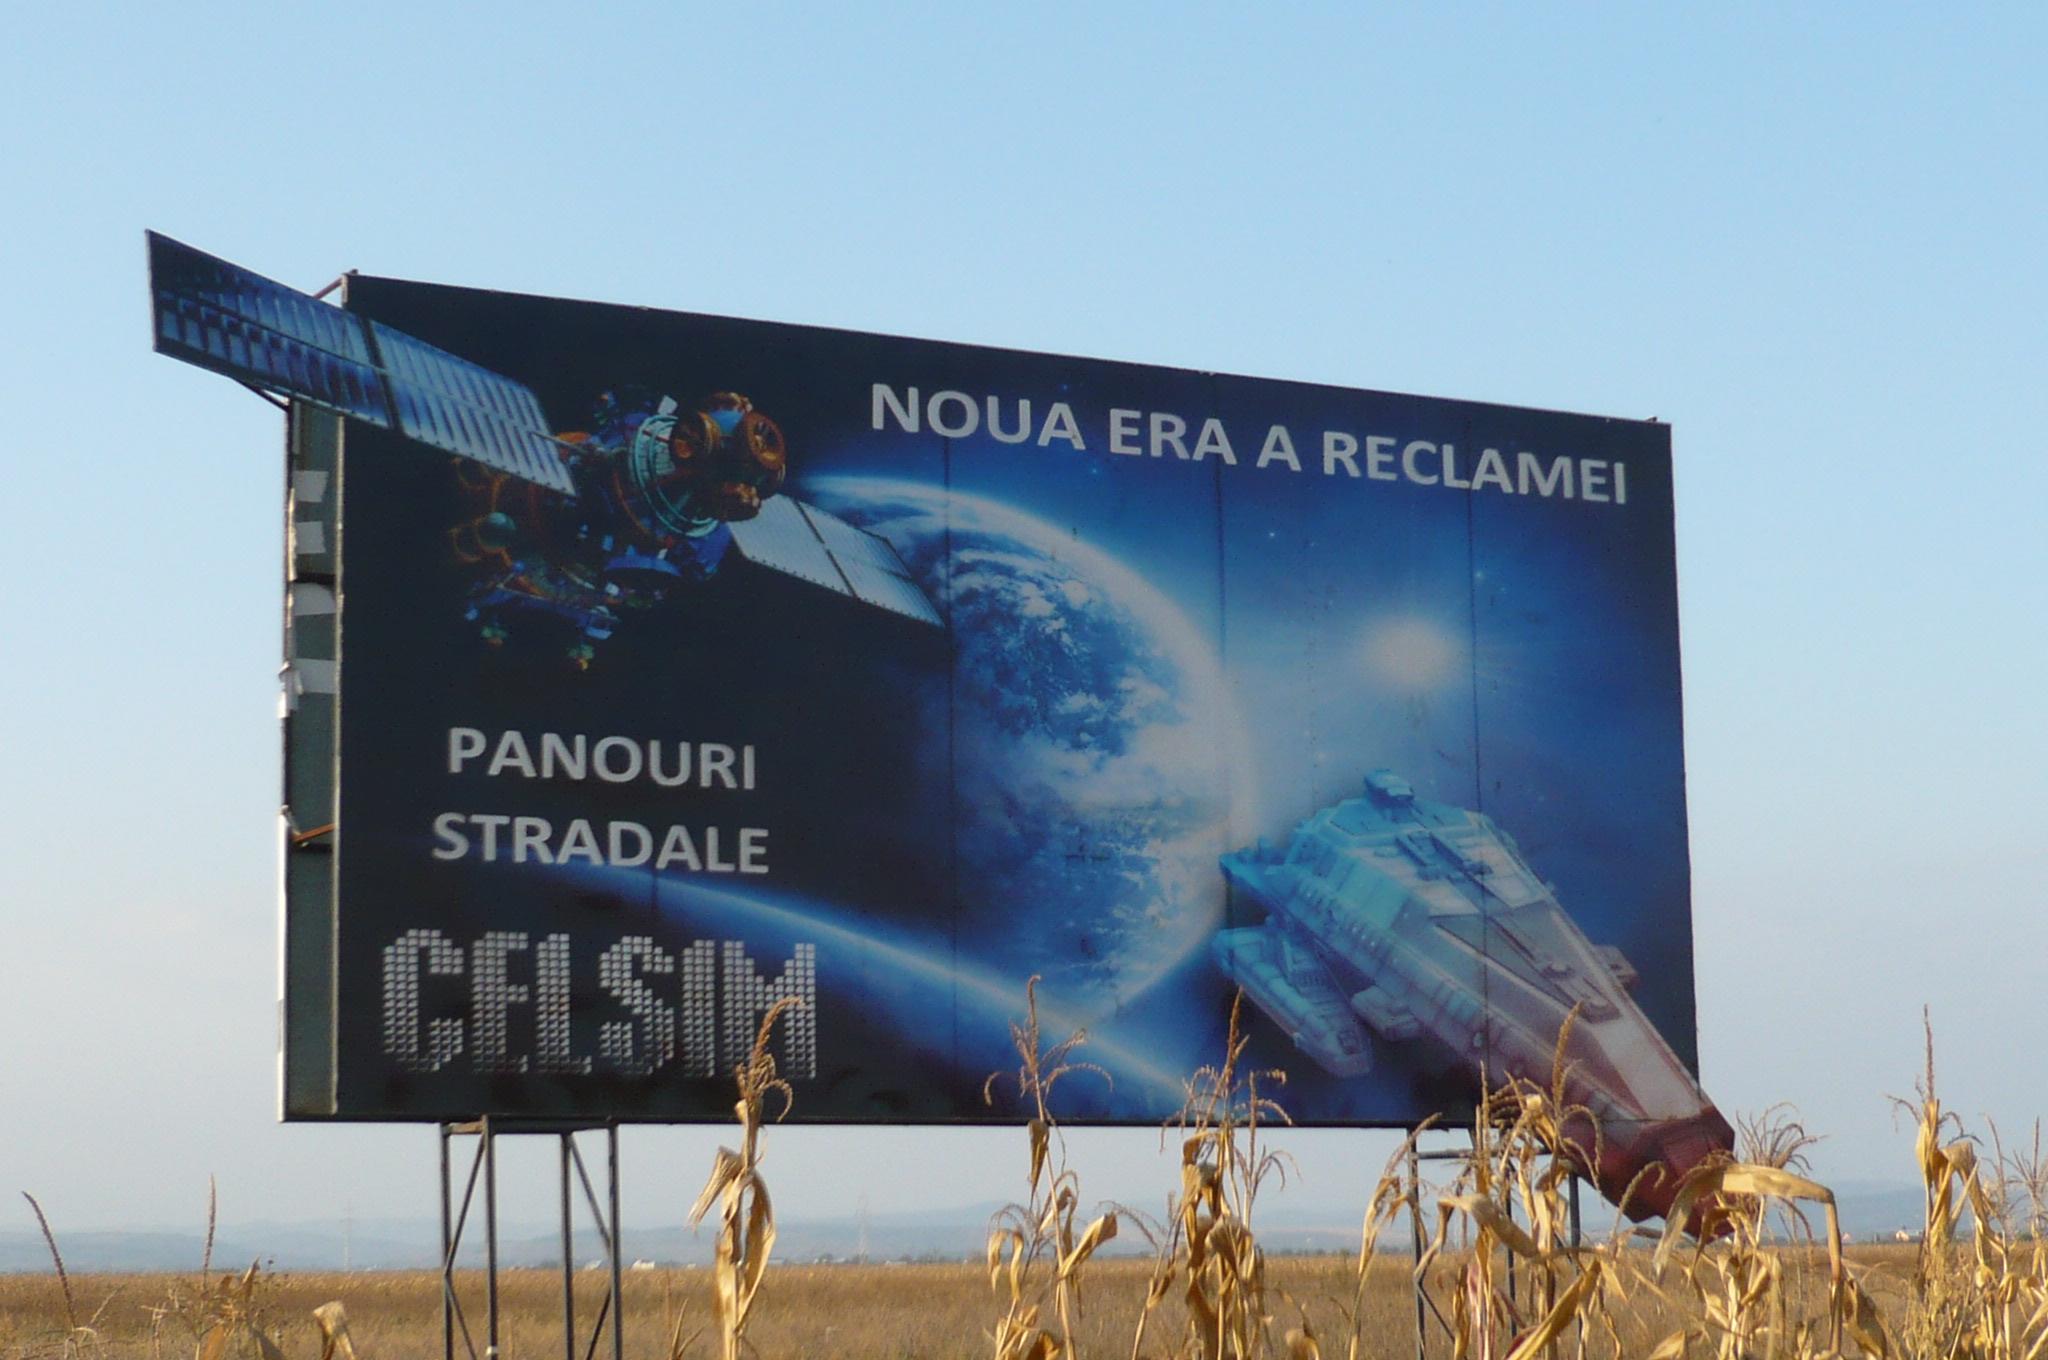 PANOU STRADAL